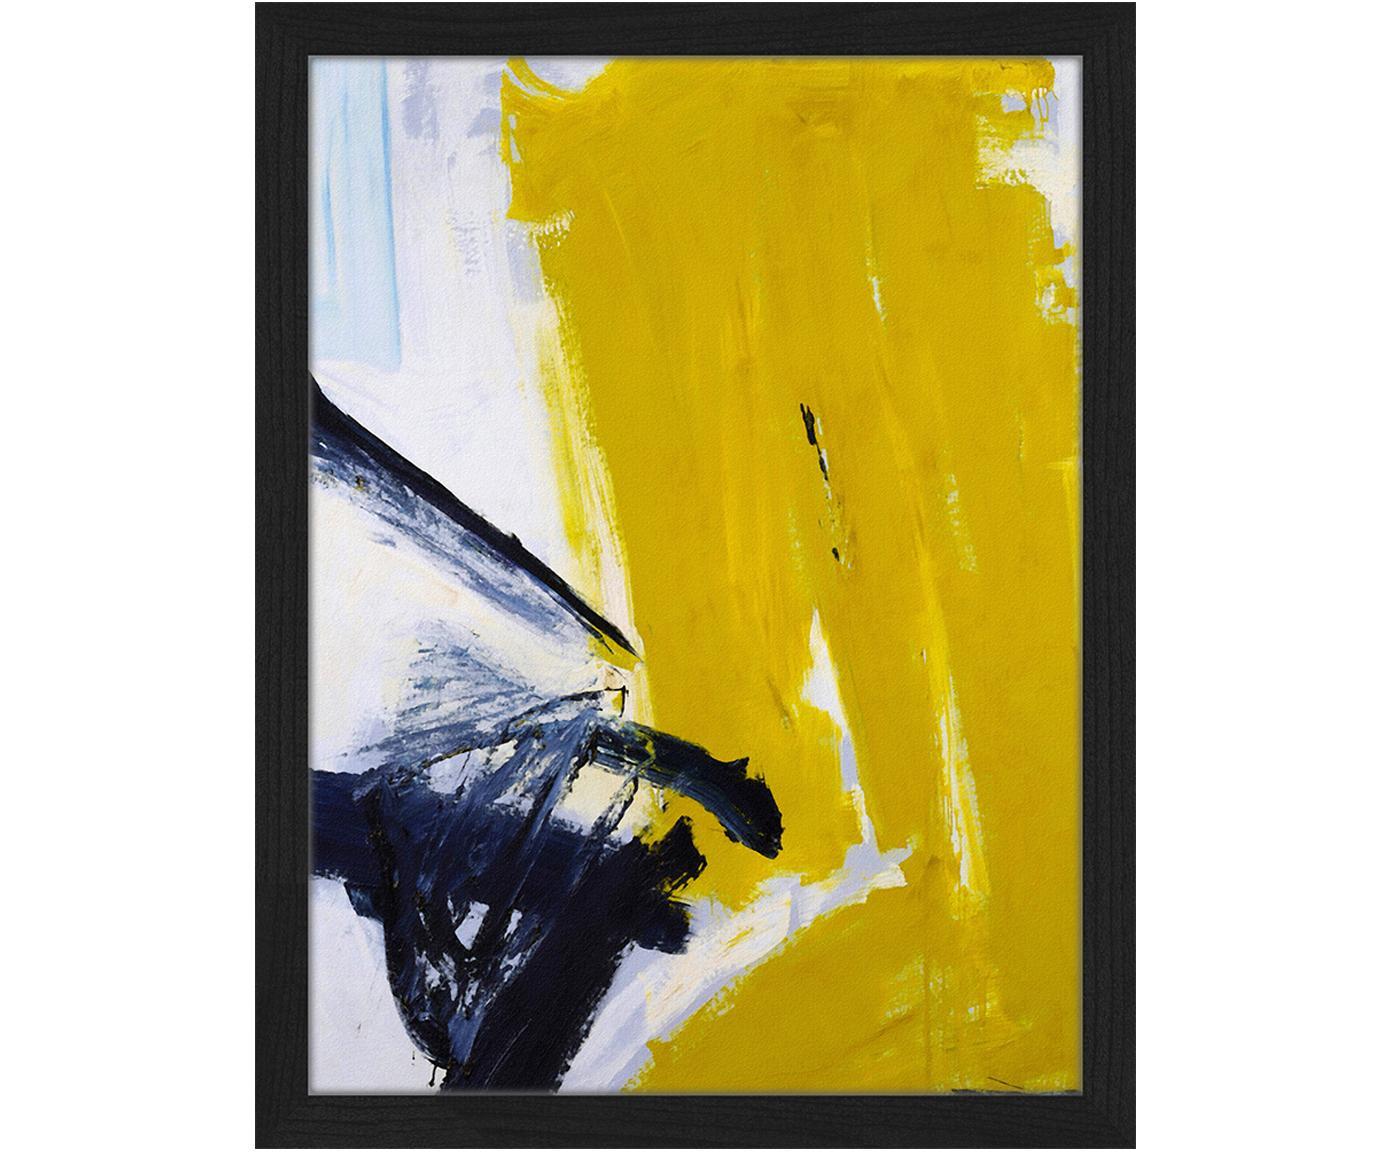 Gerahmter Digitaldruck Abstract, Bild: Digitaldruck auf Papier, , Rahmen: Buchenholz, lackiert, Front: Plexiglas, Schwarz, Weiß, Goldfarben, 33 x 43 cm